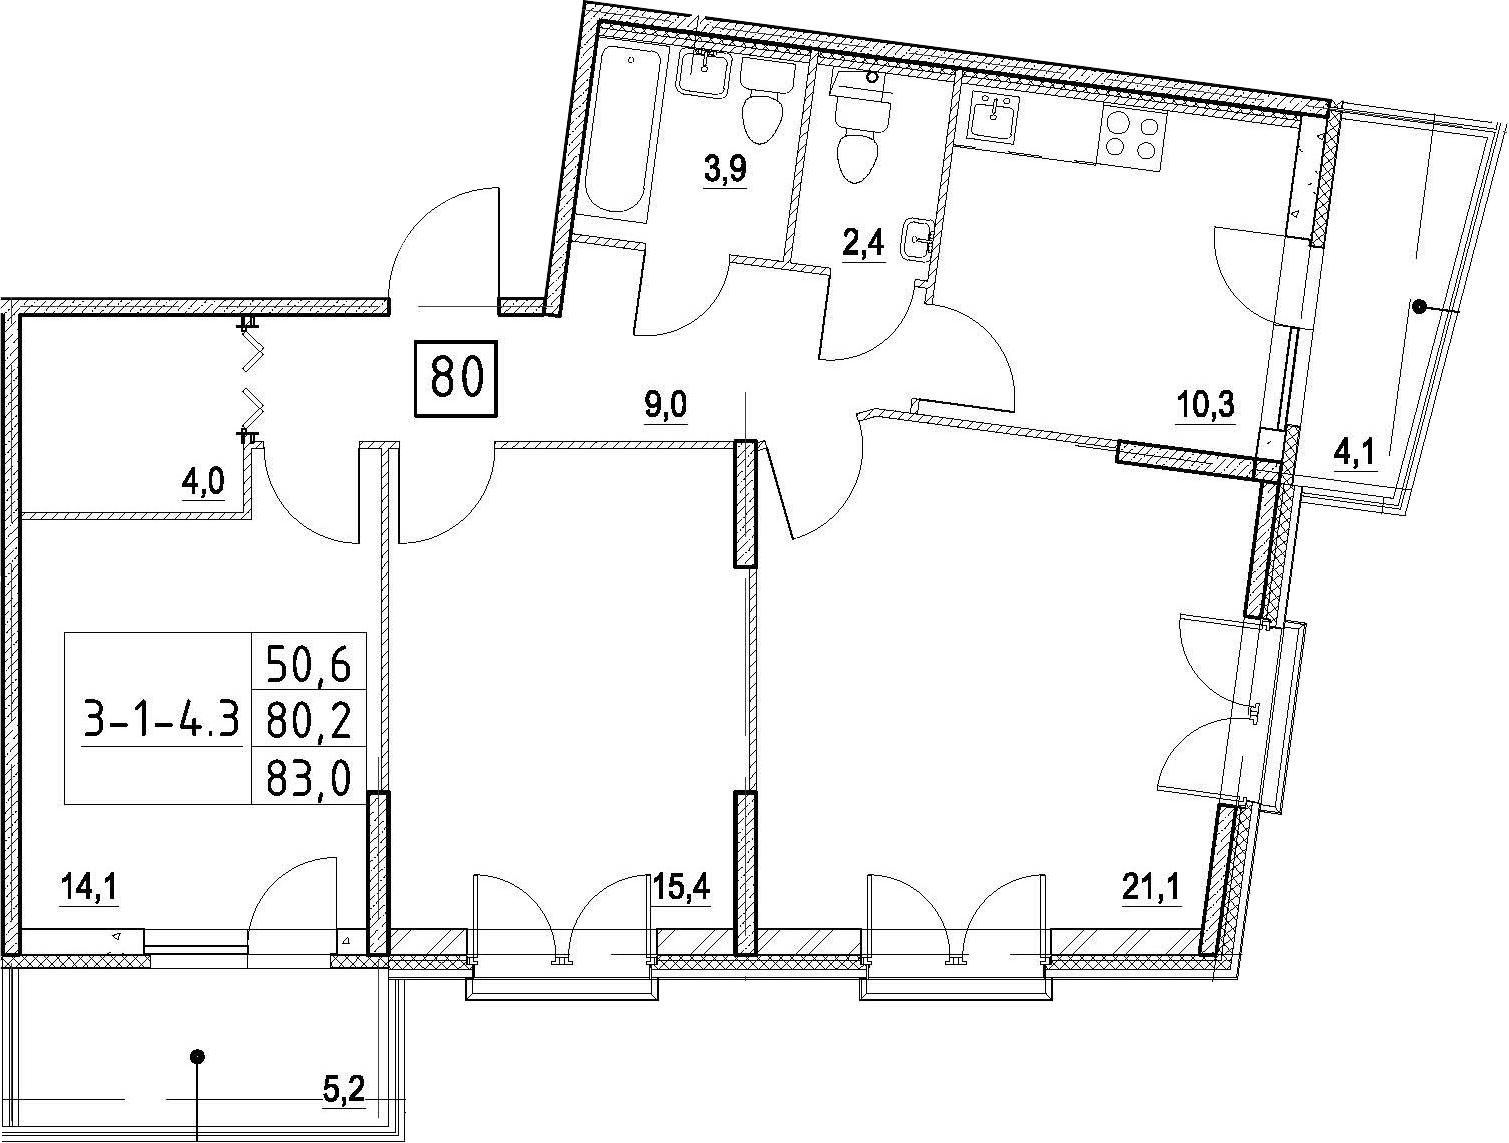 3-к.кв, 83 м²